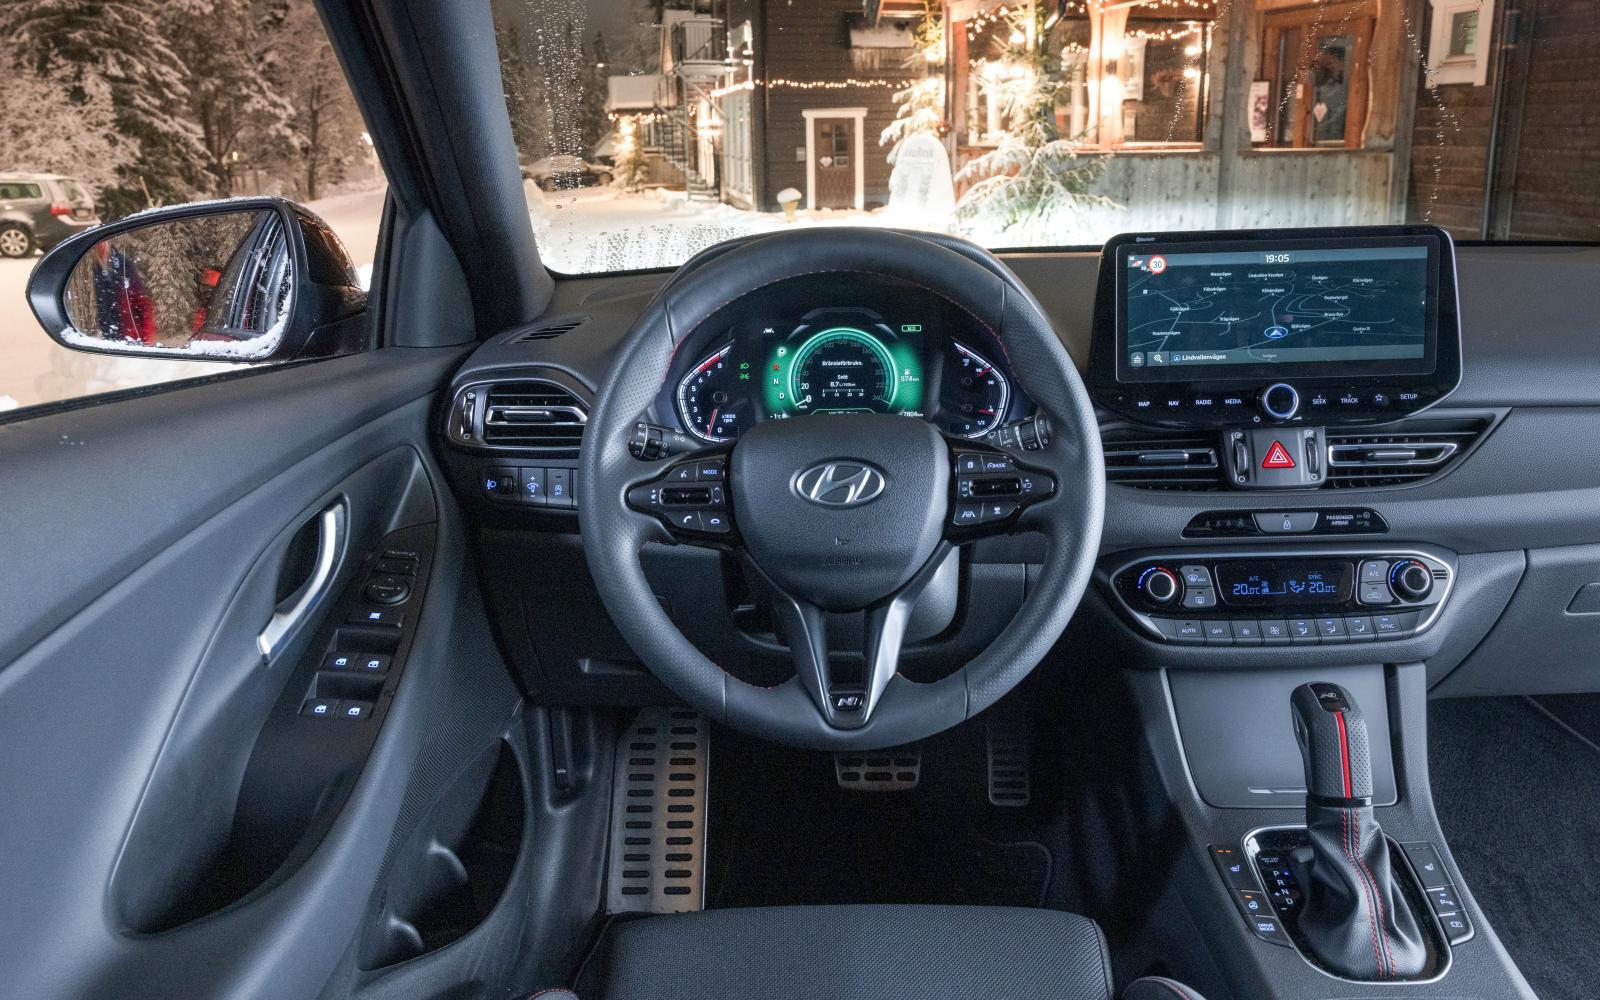 Hyundai: Digitala mätare (med god läsbarhet) och större mediaskärm inför 2021. God sittkomfort, men körställningen är inte lika bra som i Golf/Leon.